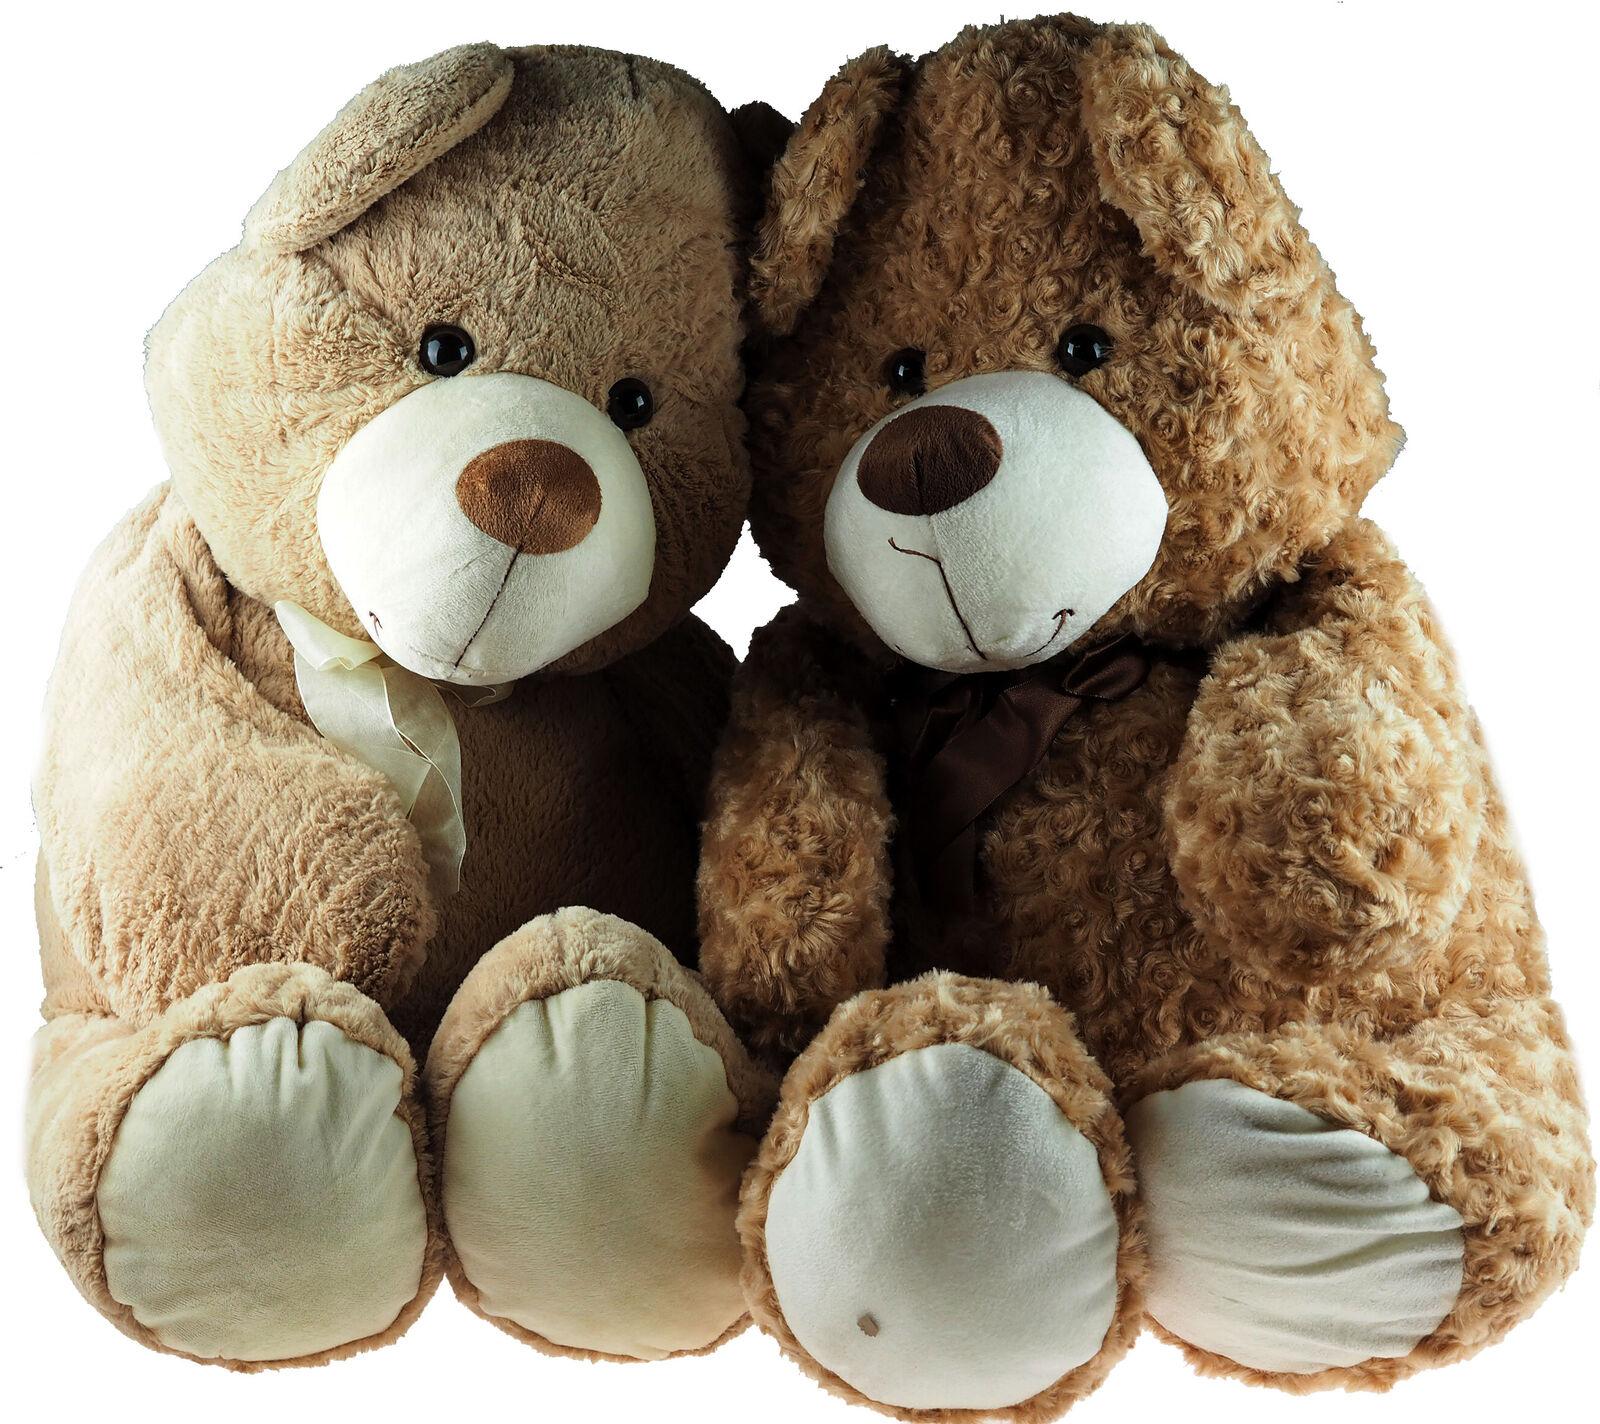 Giant 80cm XL Soft Plush Cuddly Teddy Bear